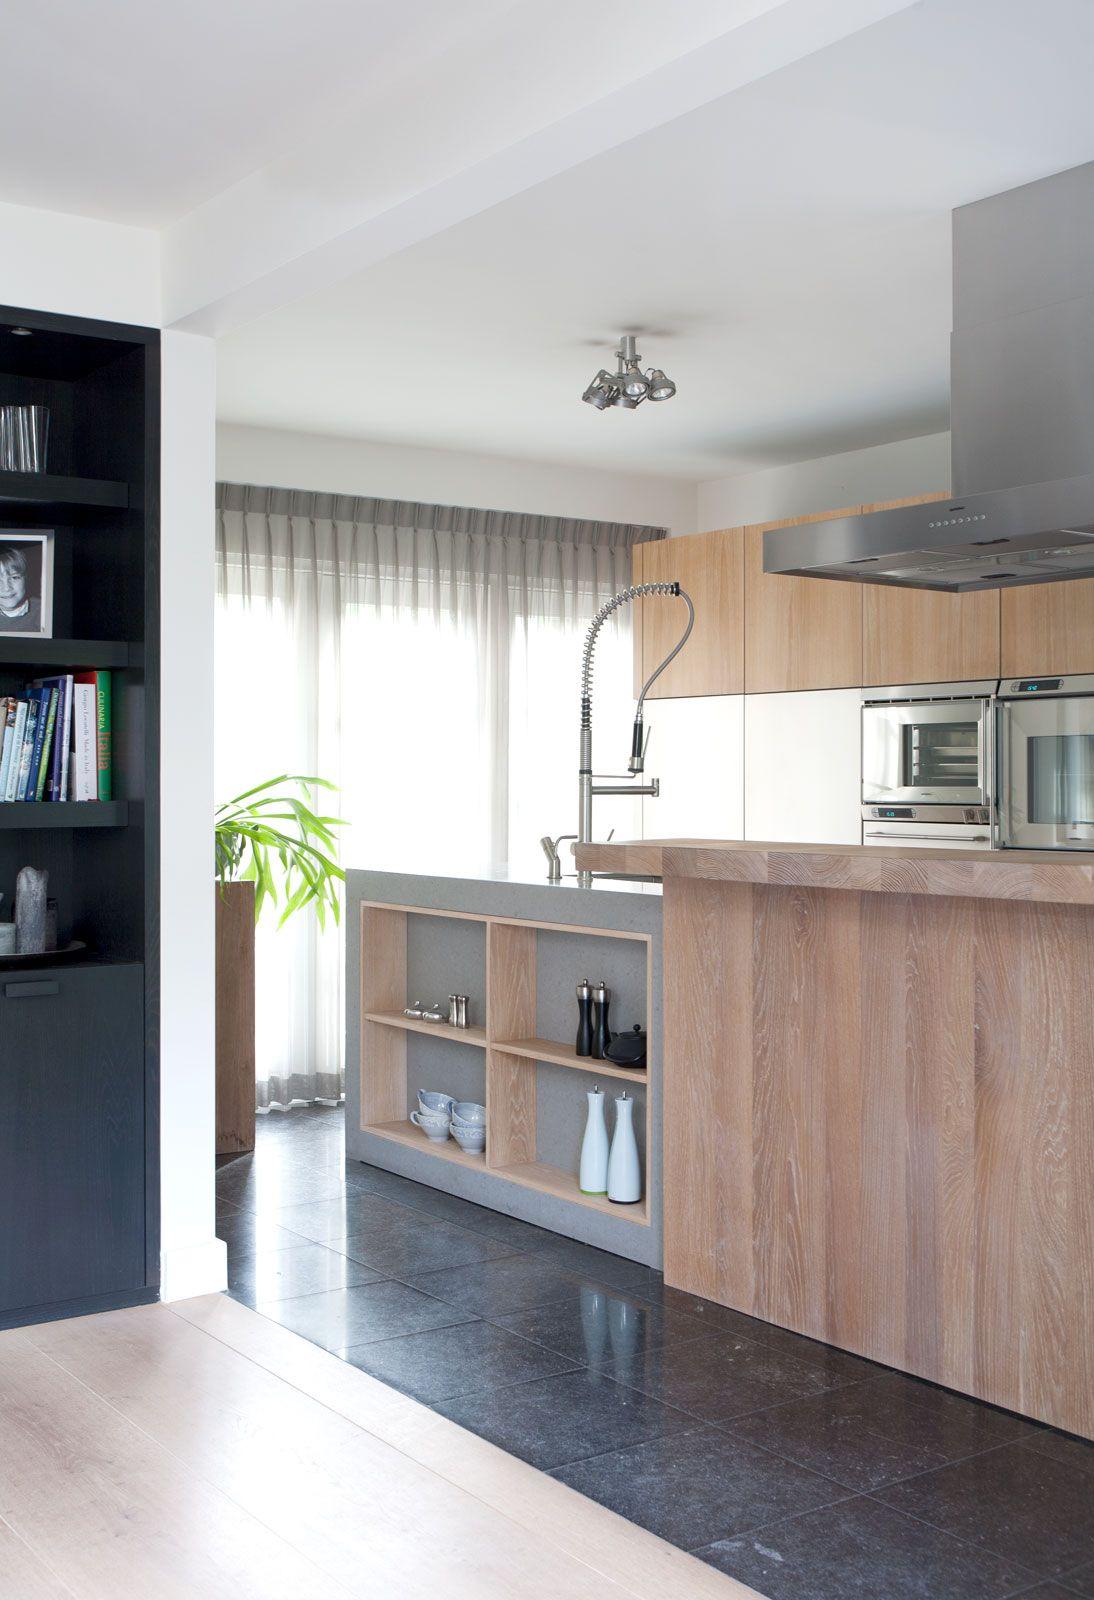 Full Size of Cocoon Modulküche Modern Wooden Kitchen In Dutch Villa Salle Manger Cuisine Ikea Holz Wohnzimmer Cocoon Modulküche